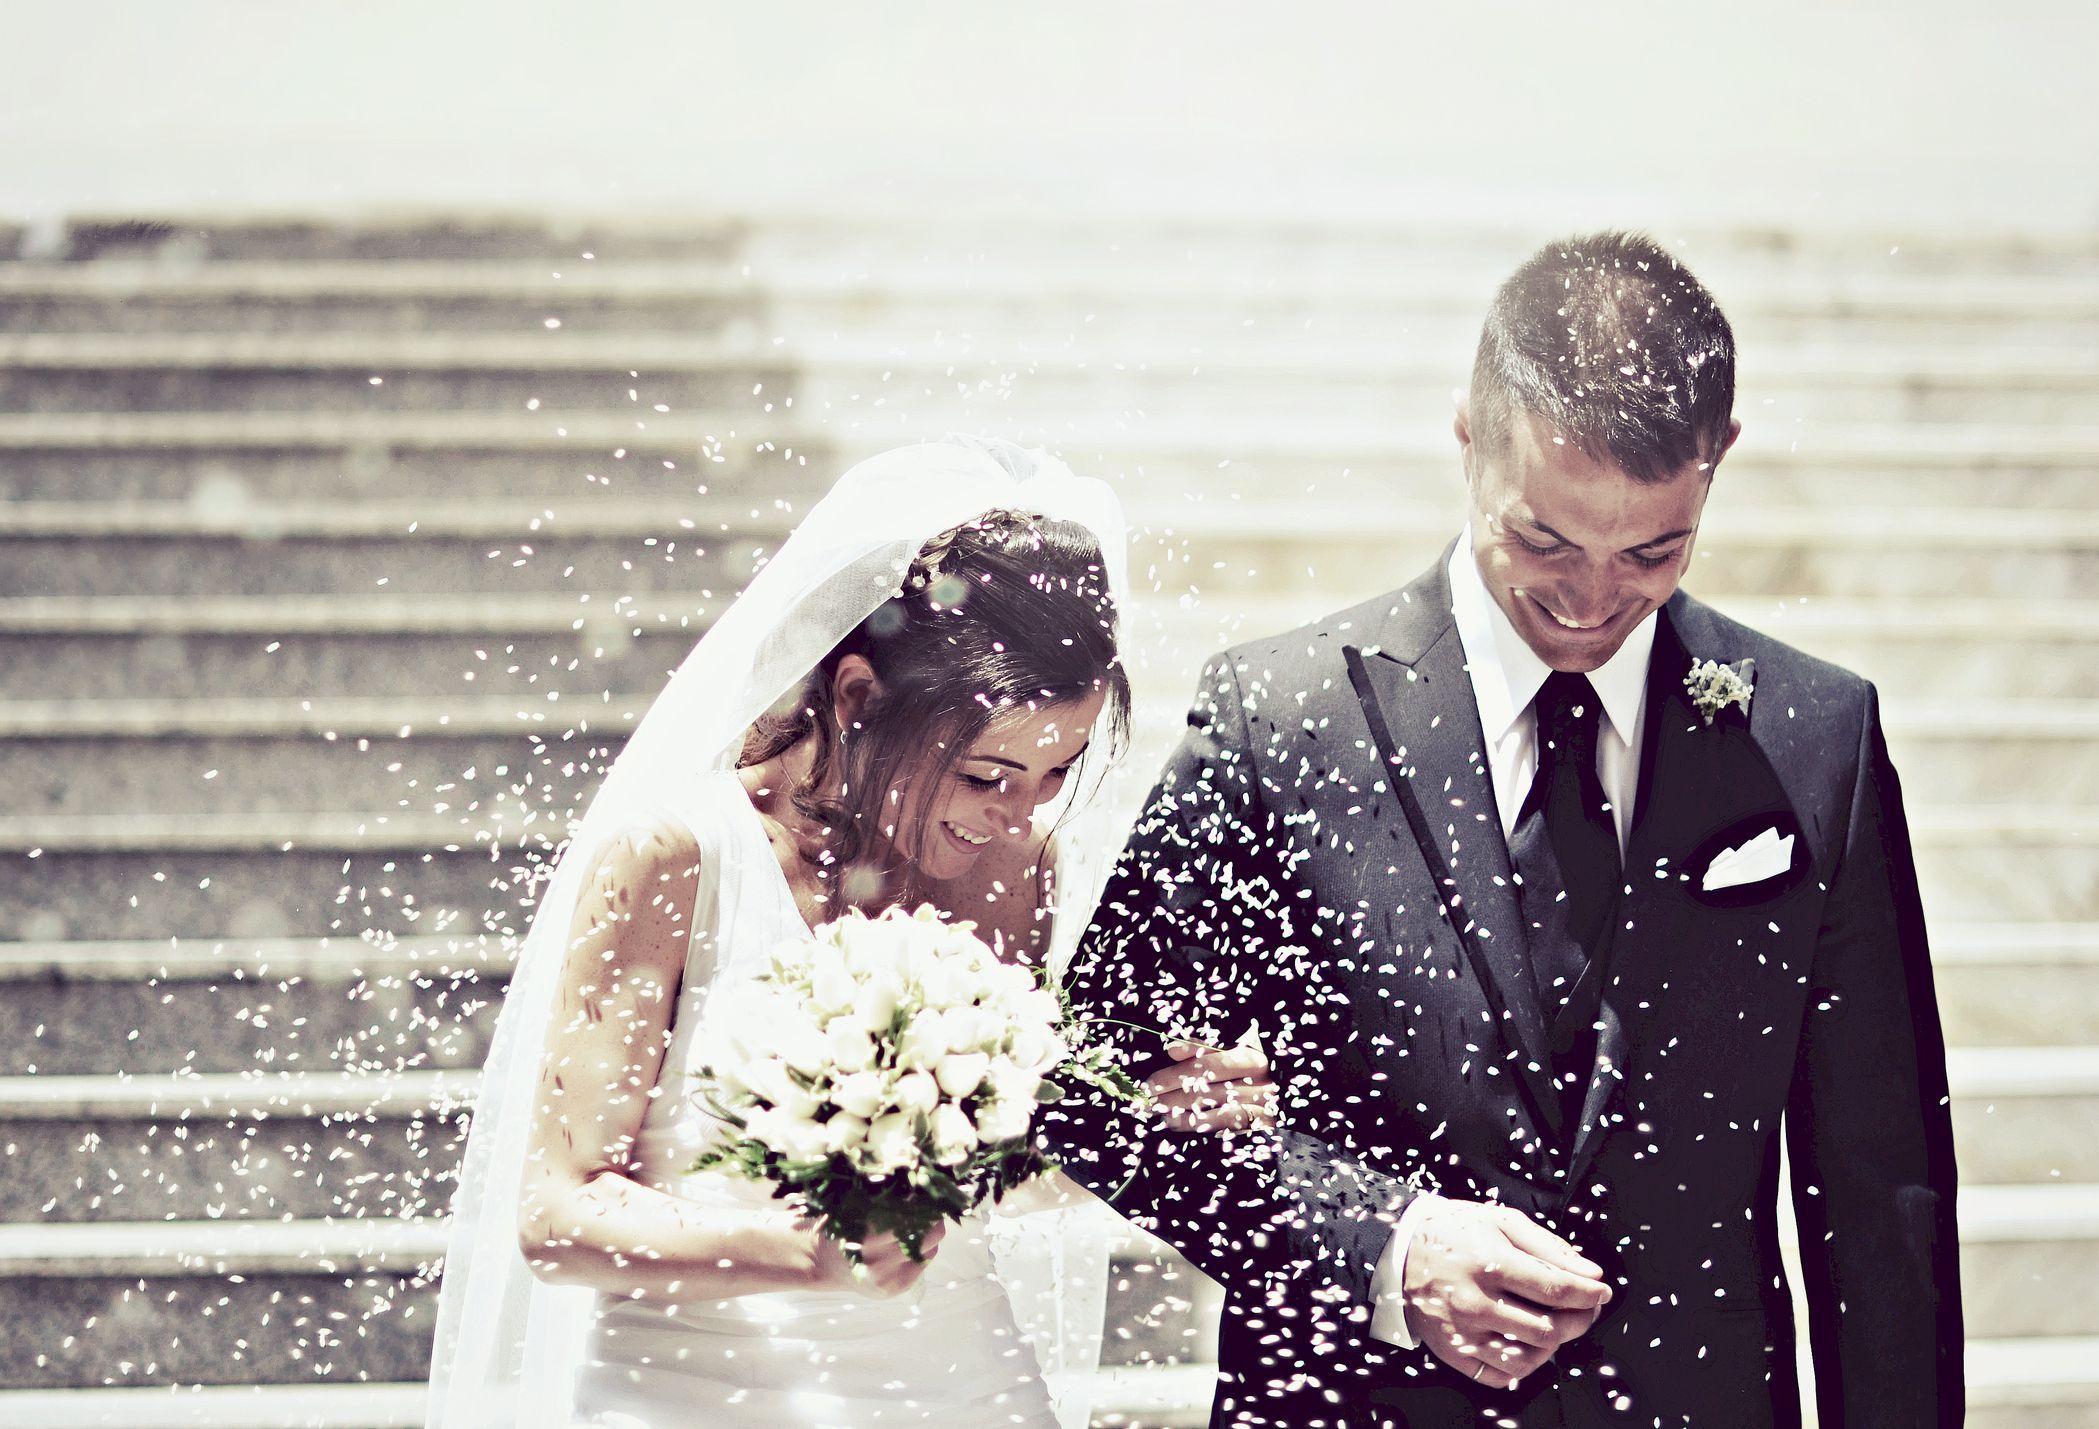 Науката вели дека бракот може да биде одличен за вашето здравје